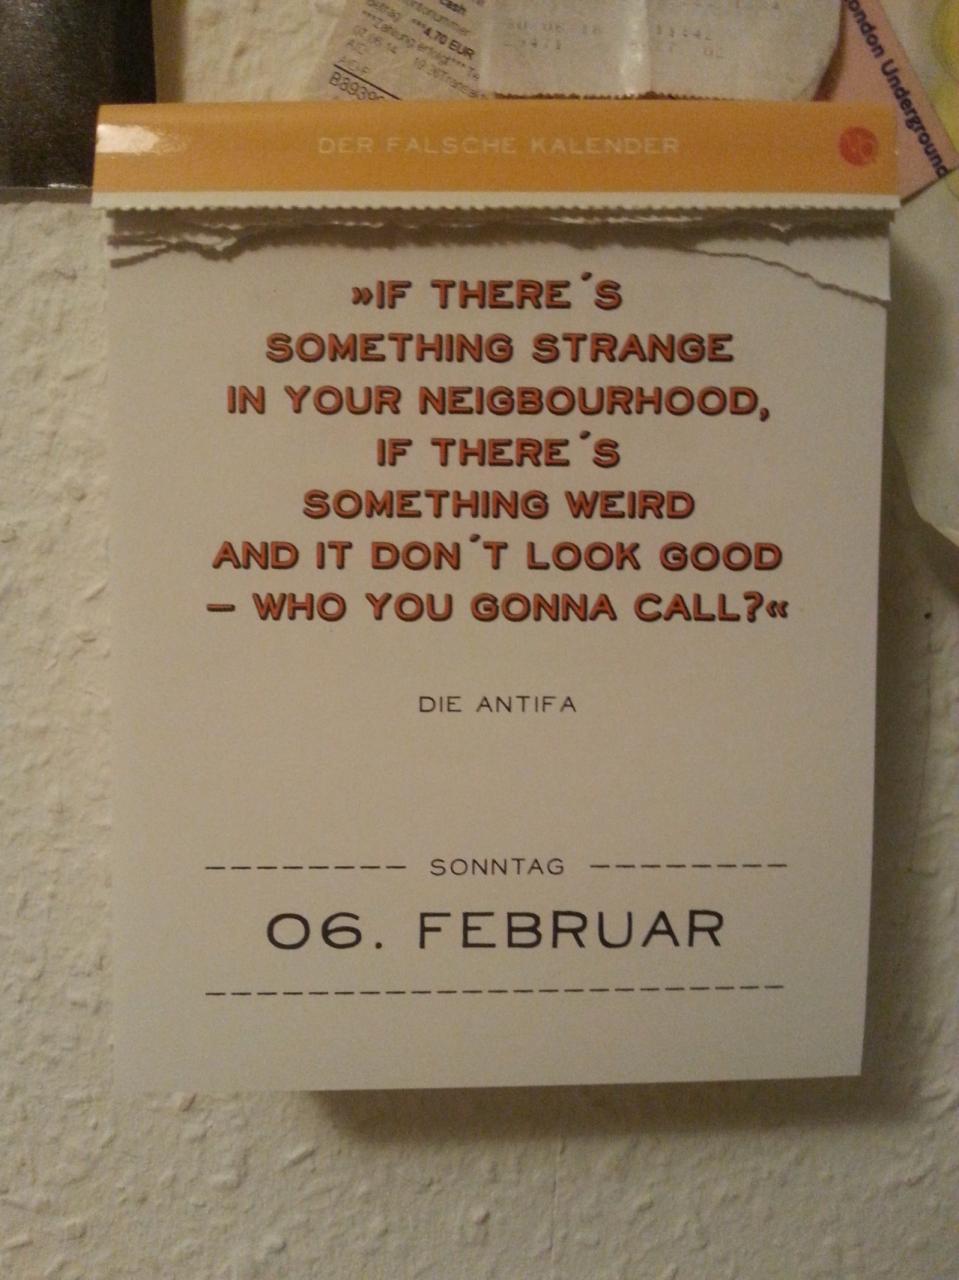 Eigentlich Wollte Ich Nix Vom Falschen Kalender Posten Aber Das Ist Einfach Zu Witzig Um Es